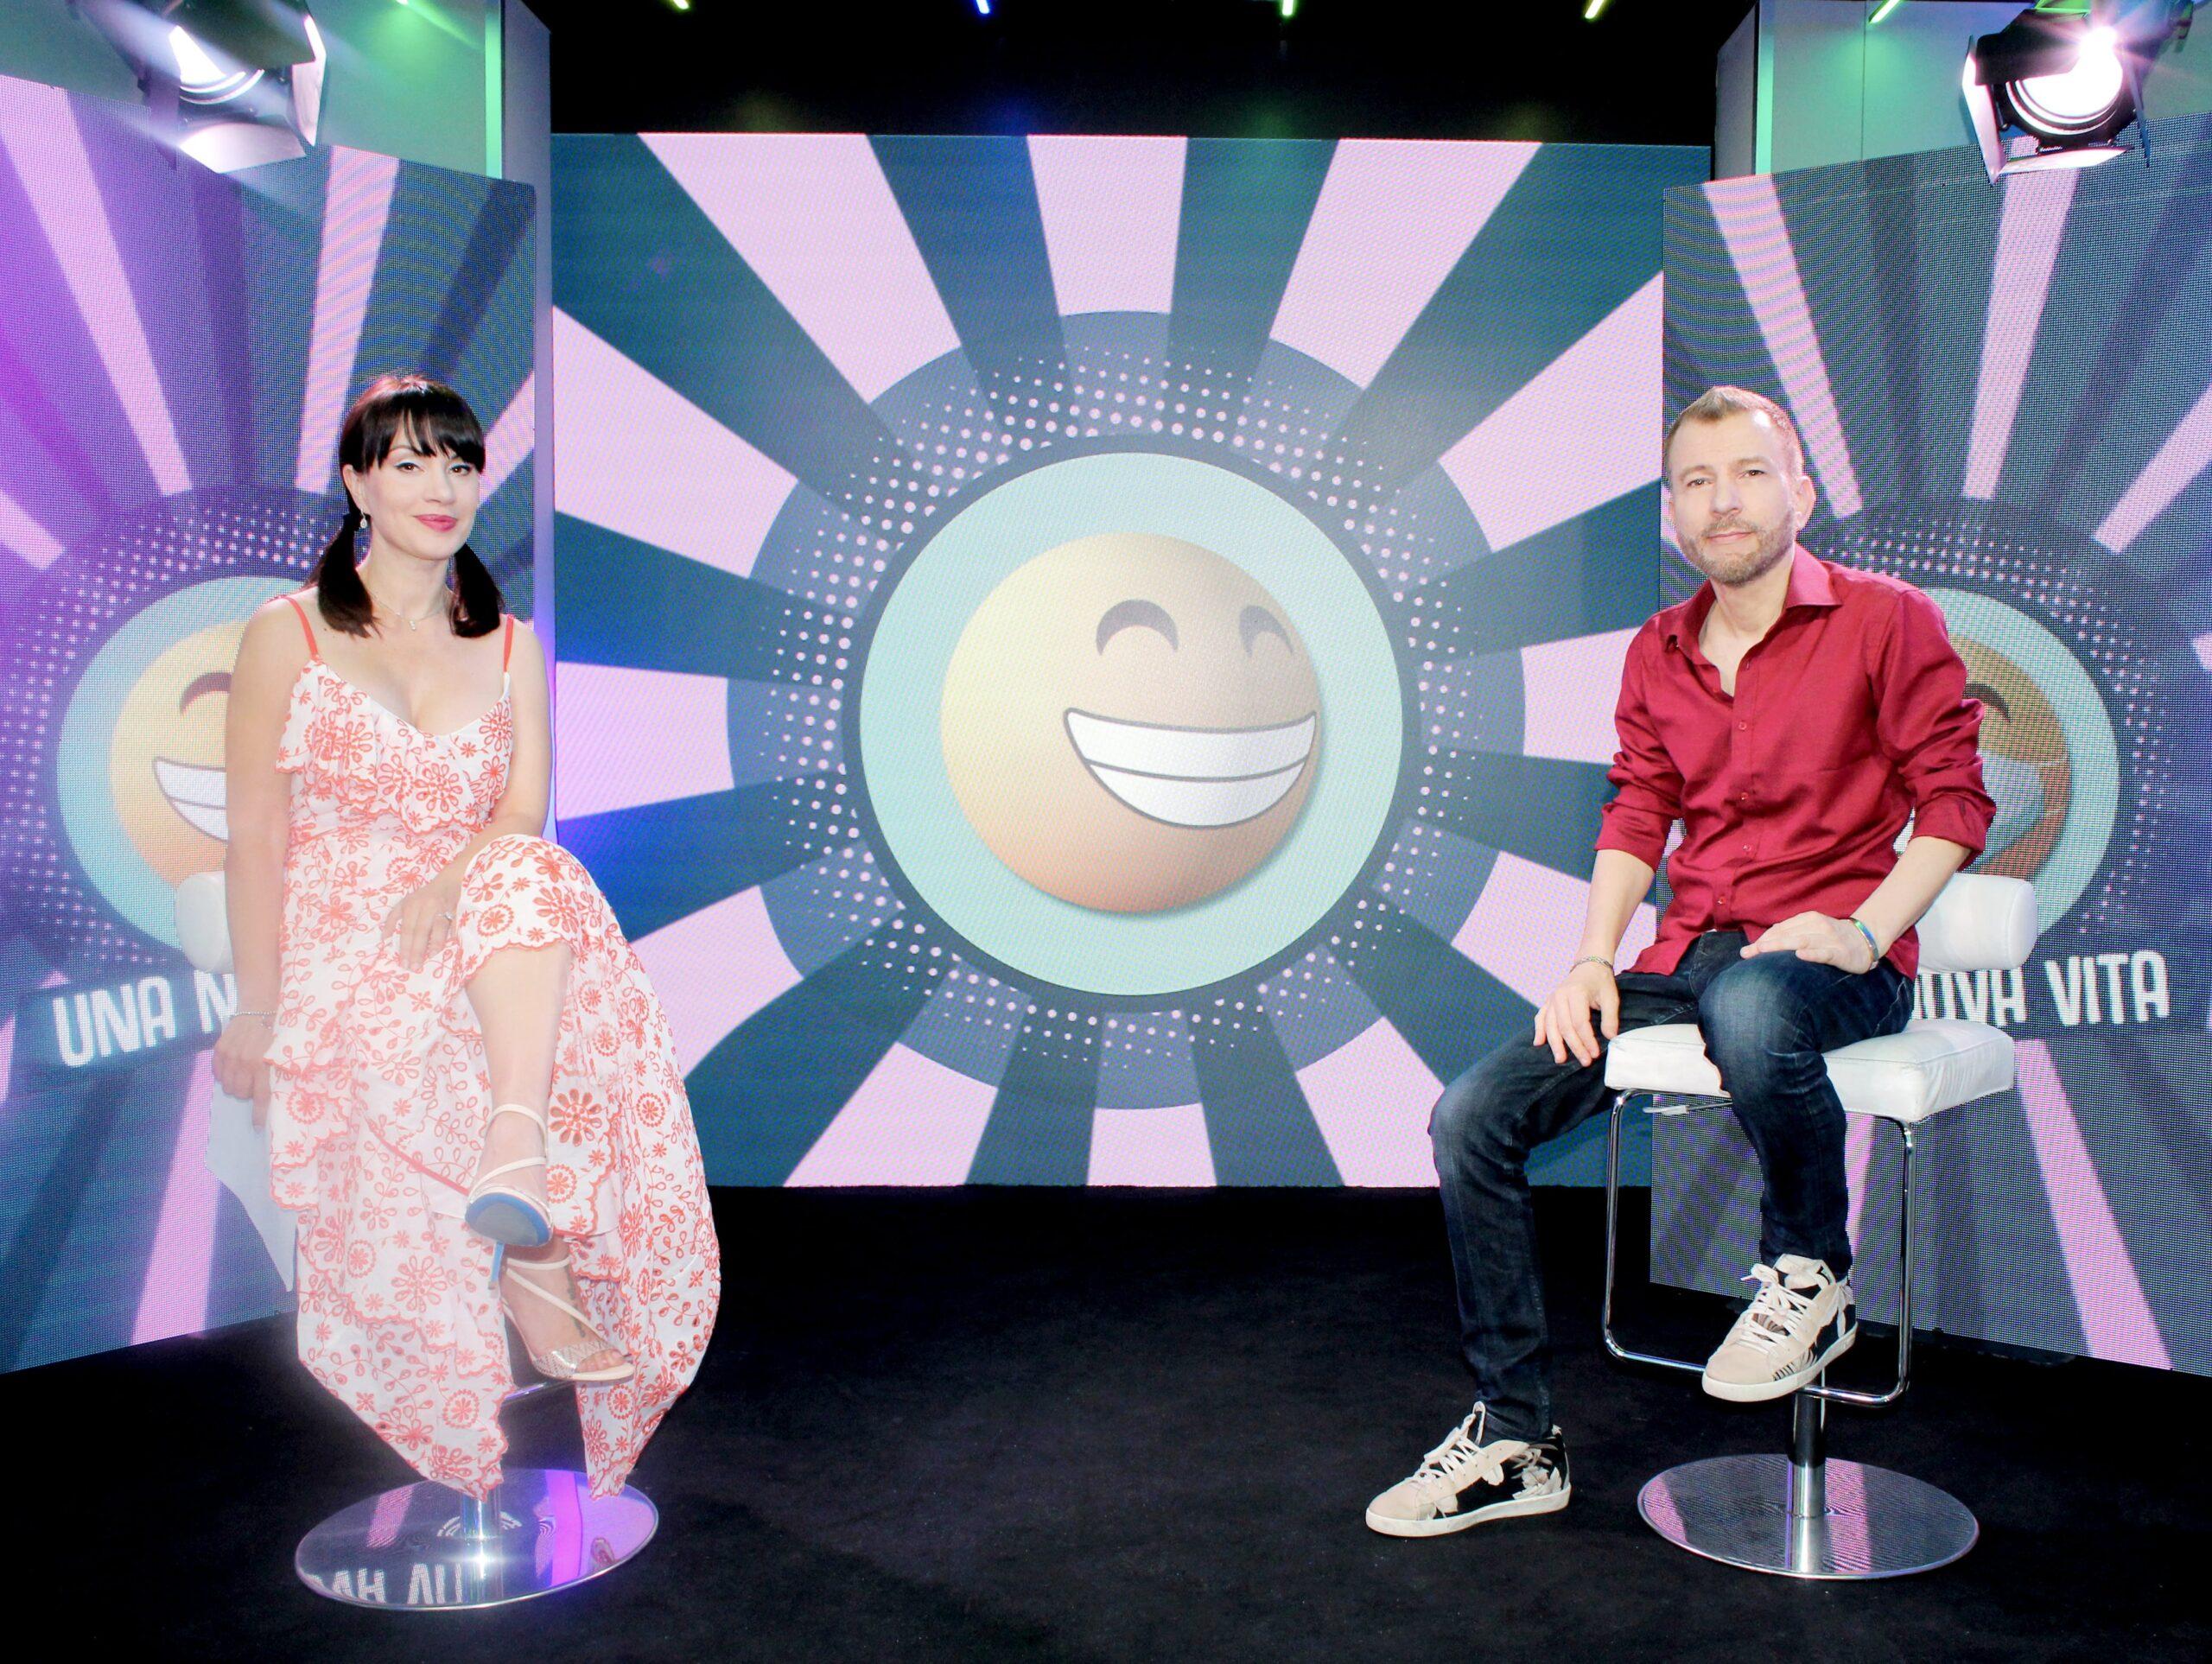 """""""Una nuova vita"""", dal 3 luglio su La5 con Claudio Guerrini e Crisula Stafida"""